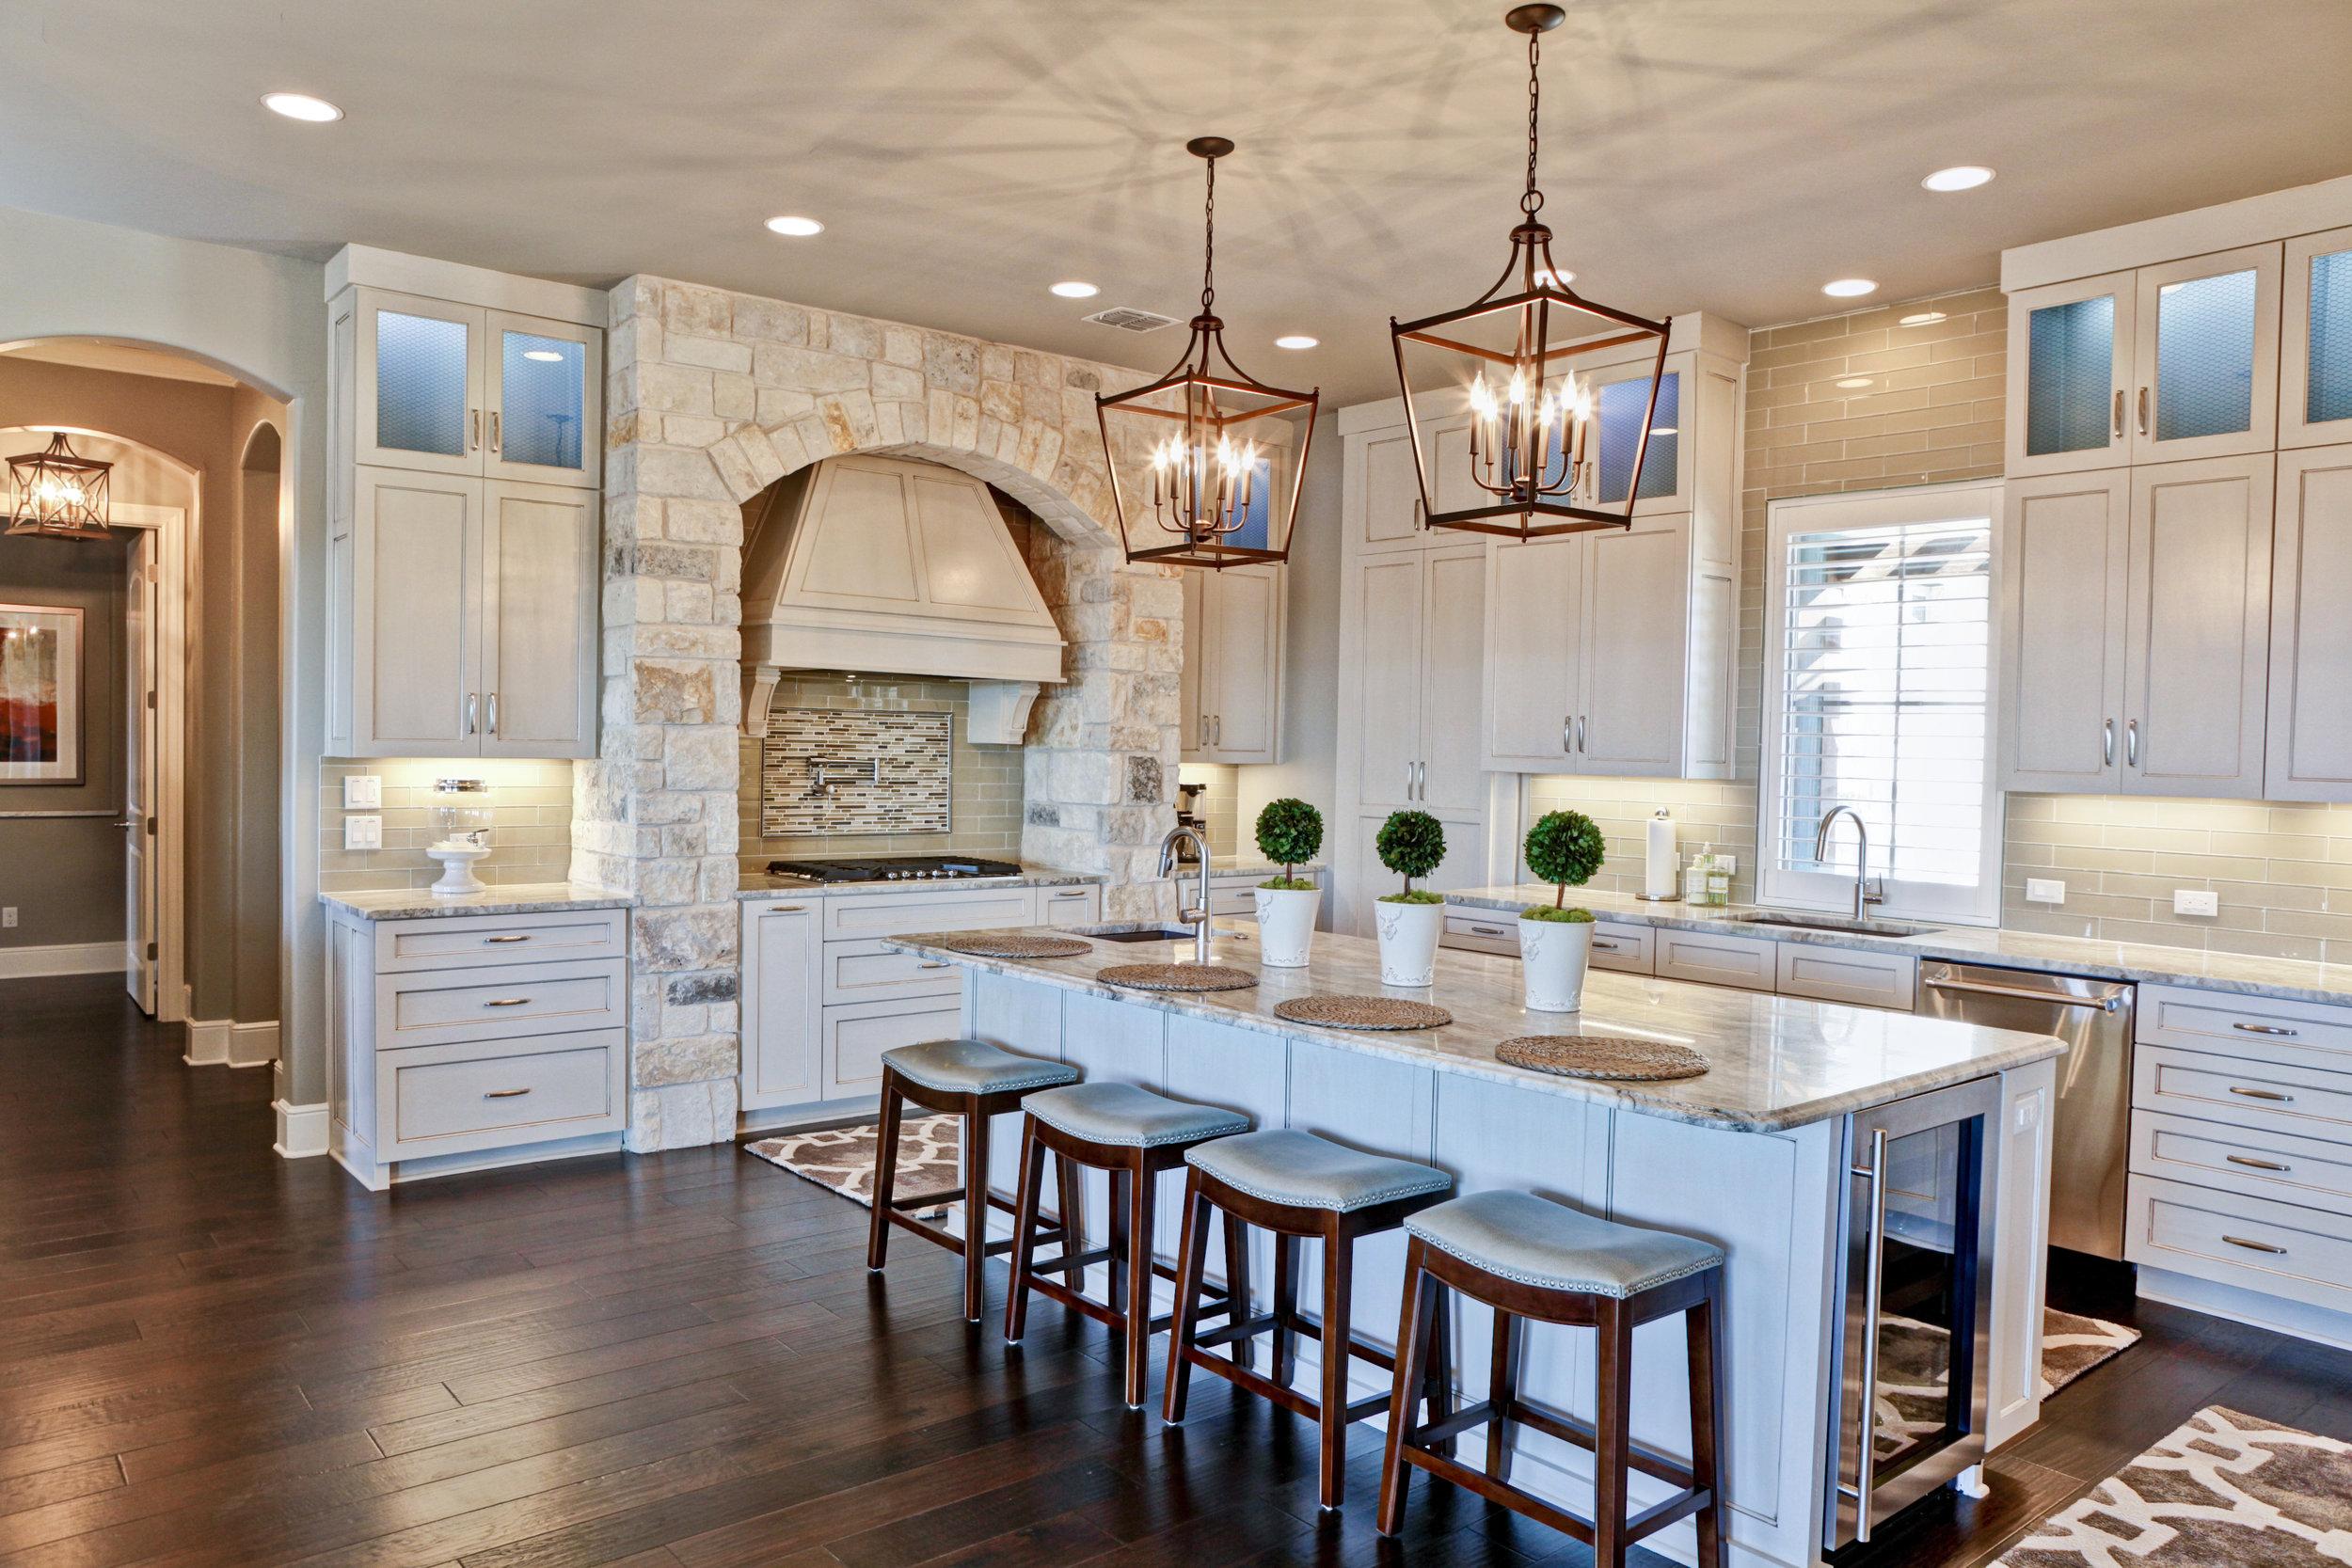 27-kitchen - 2.jpg